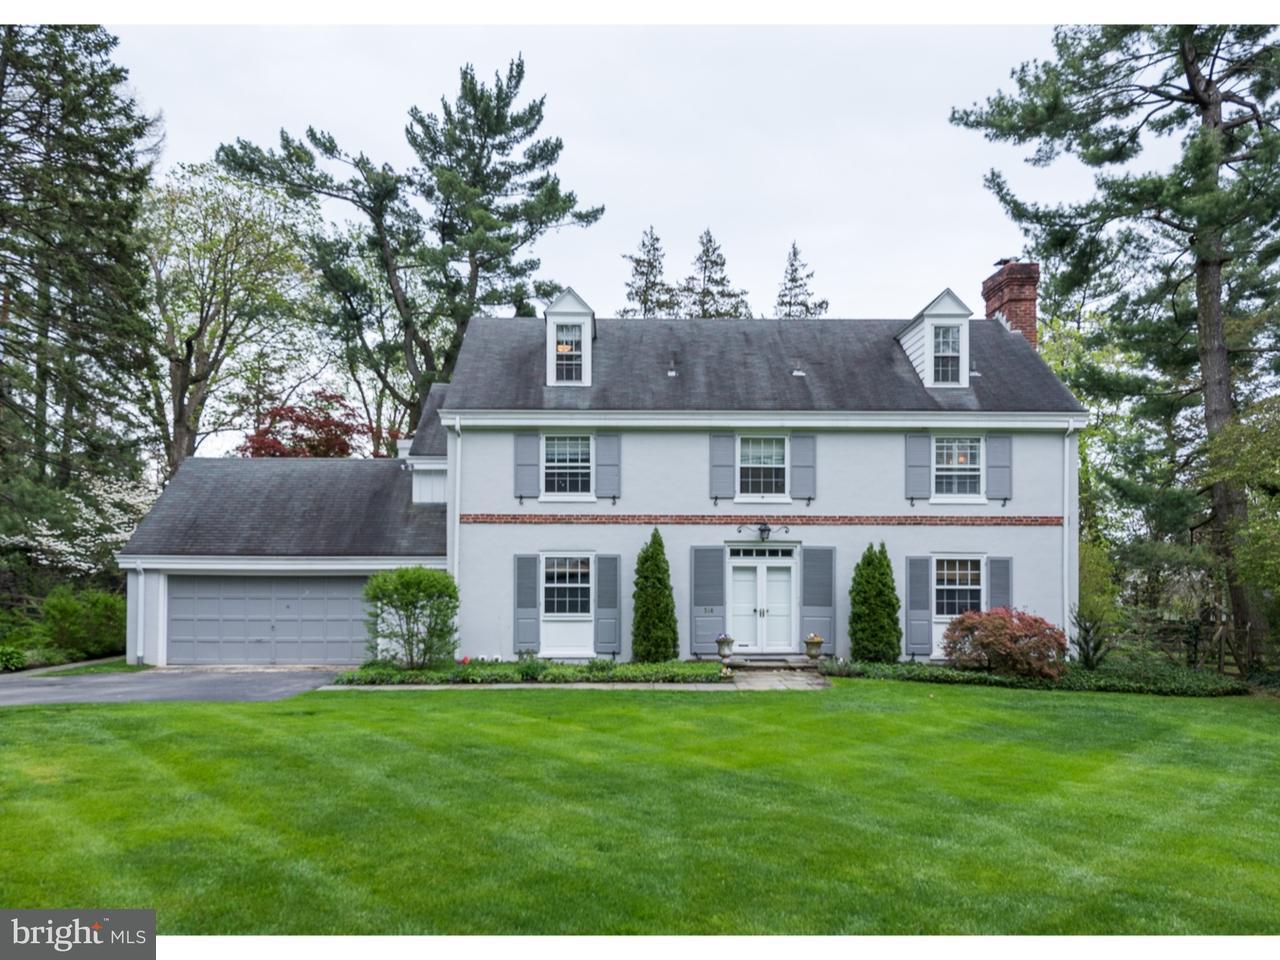 Maison unifamiliale pour l Vente à 516 E GRAVERS Lane Wyndmoor, Pennsylvanie 19038 États-Unis